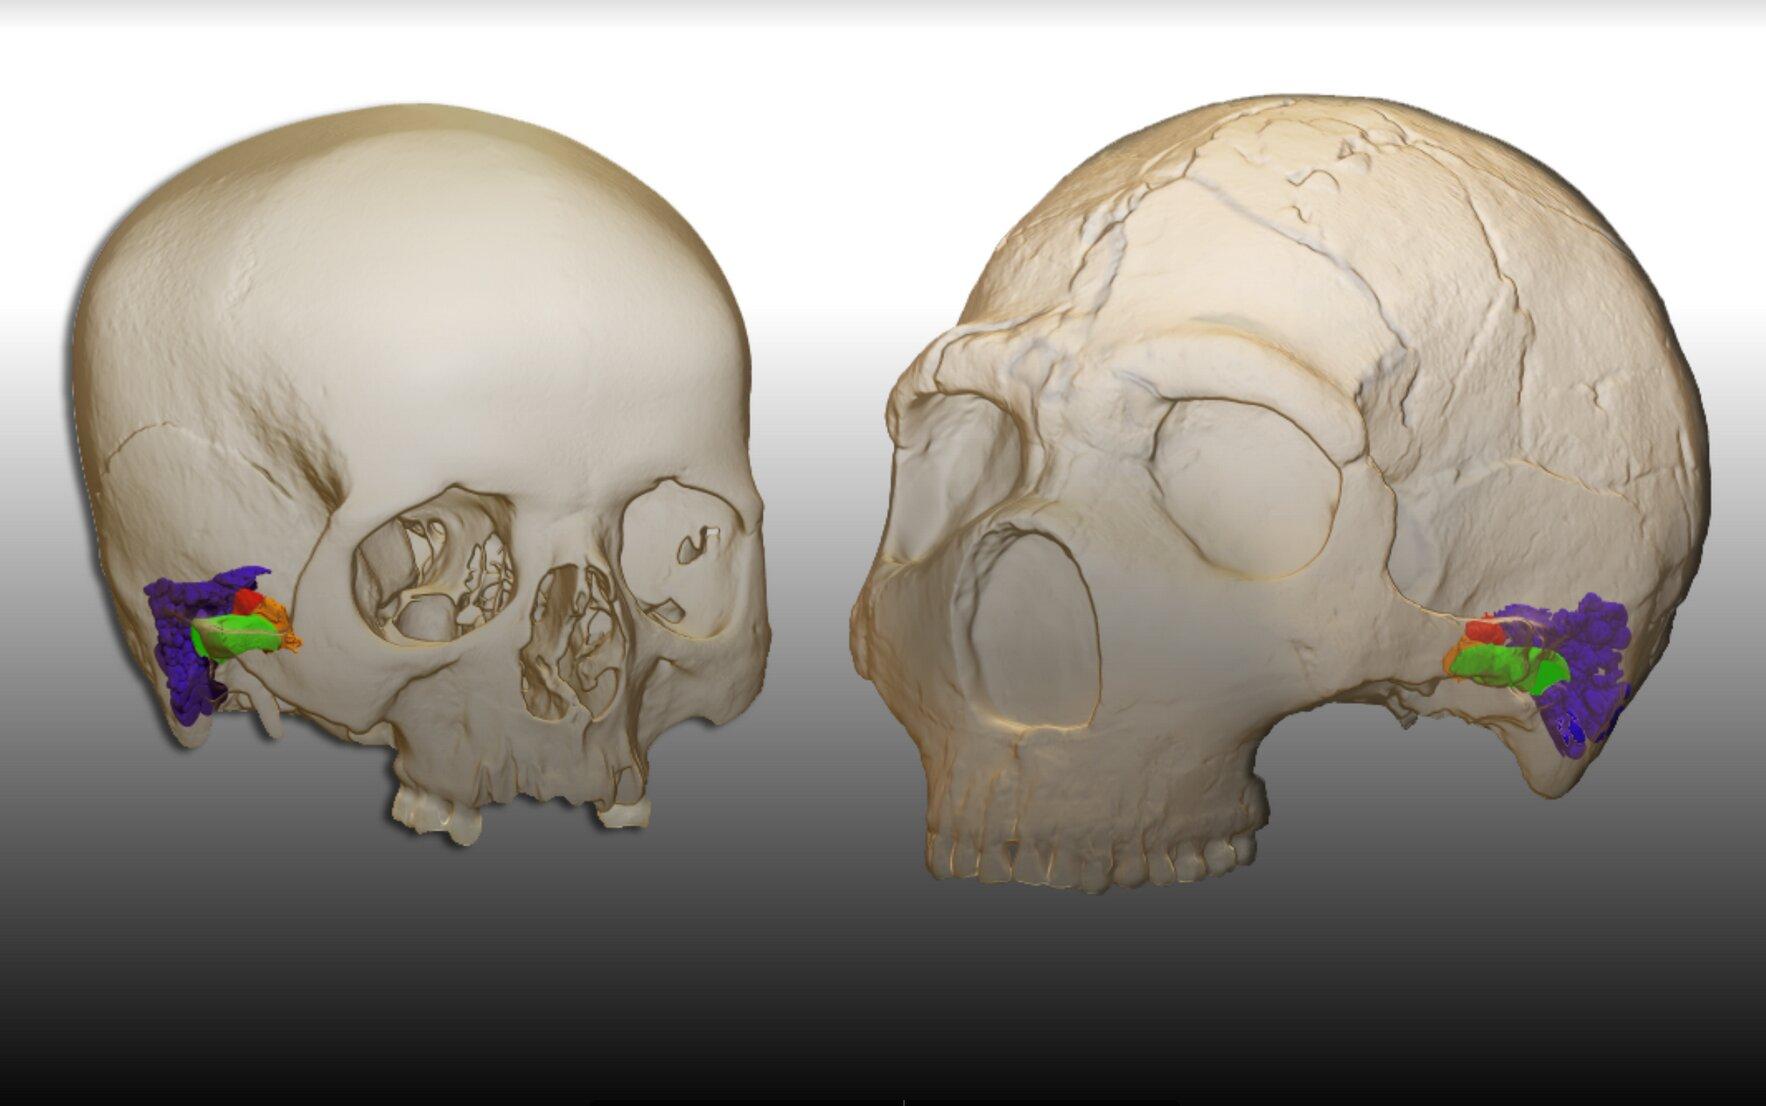 neandertalsh